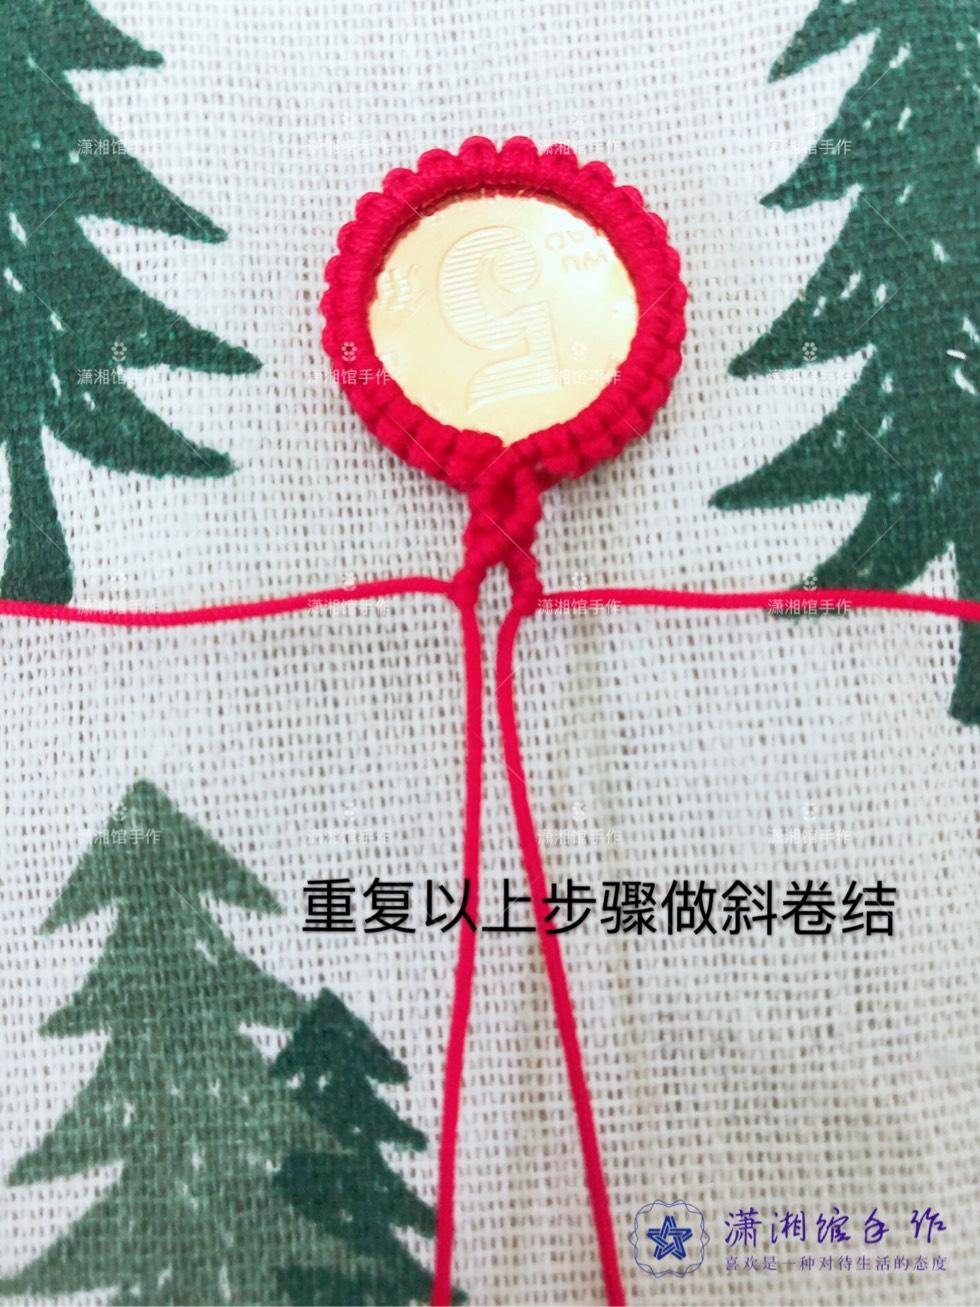 中国结论坛 硬币挂件天使翅膀钥匙扣教程  图文教程区 170115eof2jamldghg22lb